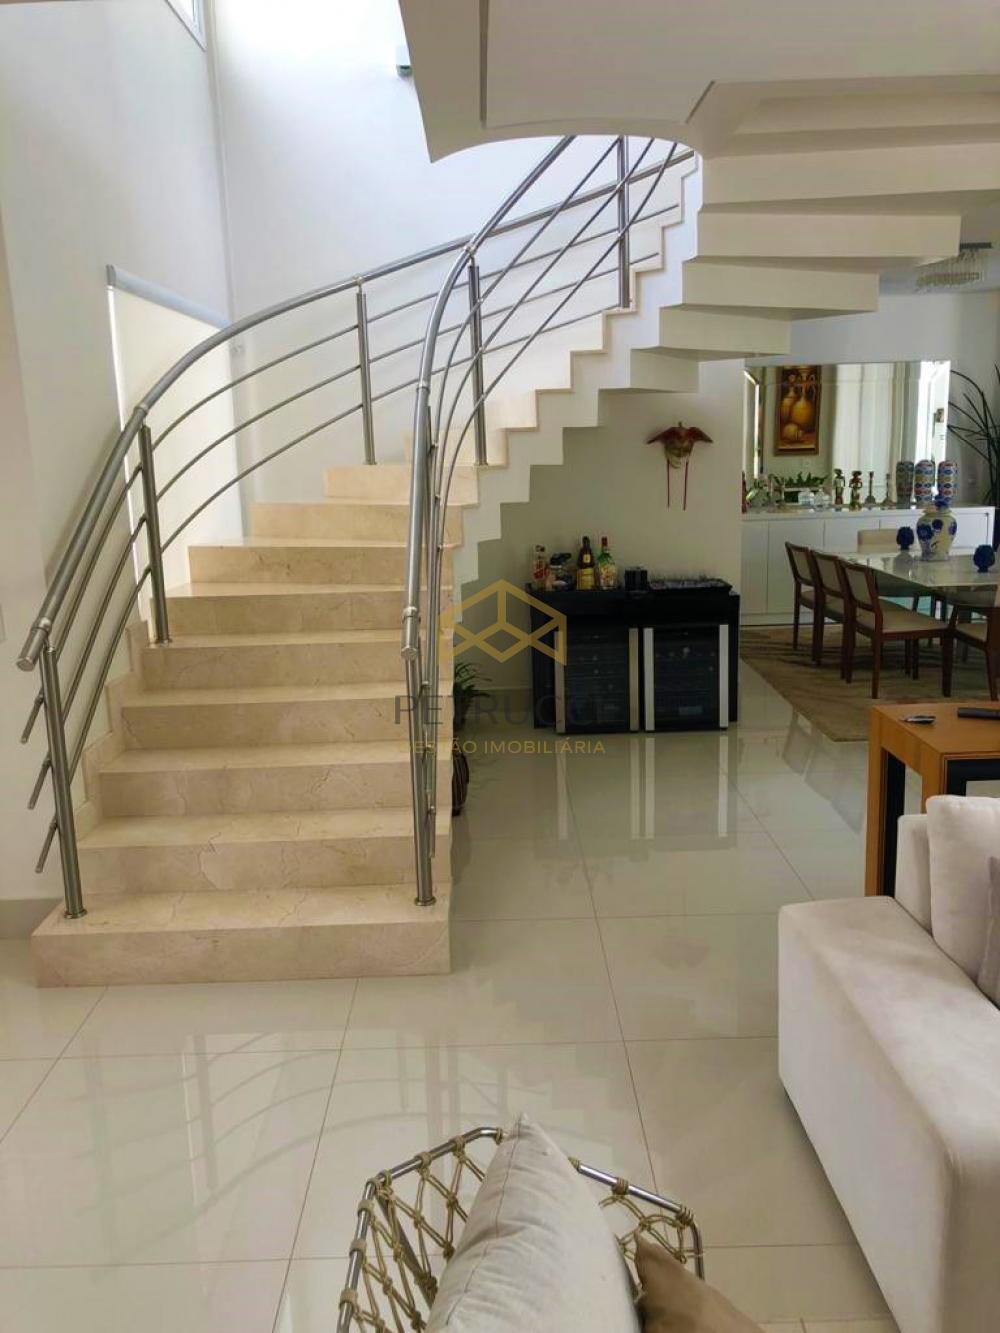 Comprar Casa / Sobrado em Condomínio em Campinas R$ 3.600.000,00 - Foto 5